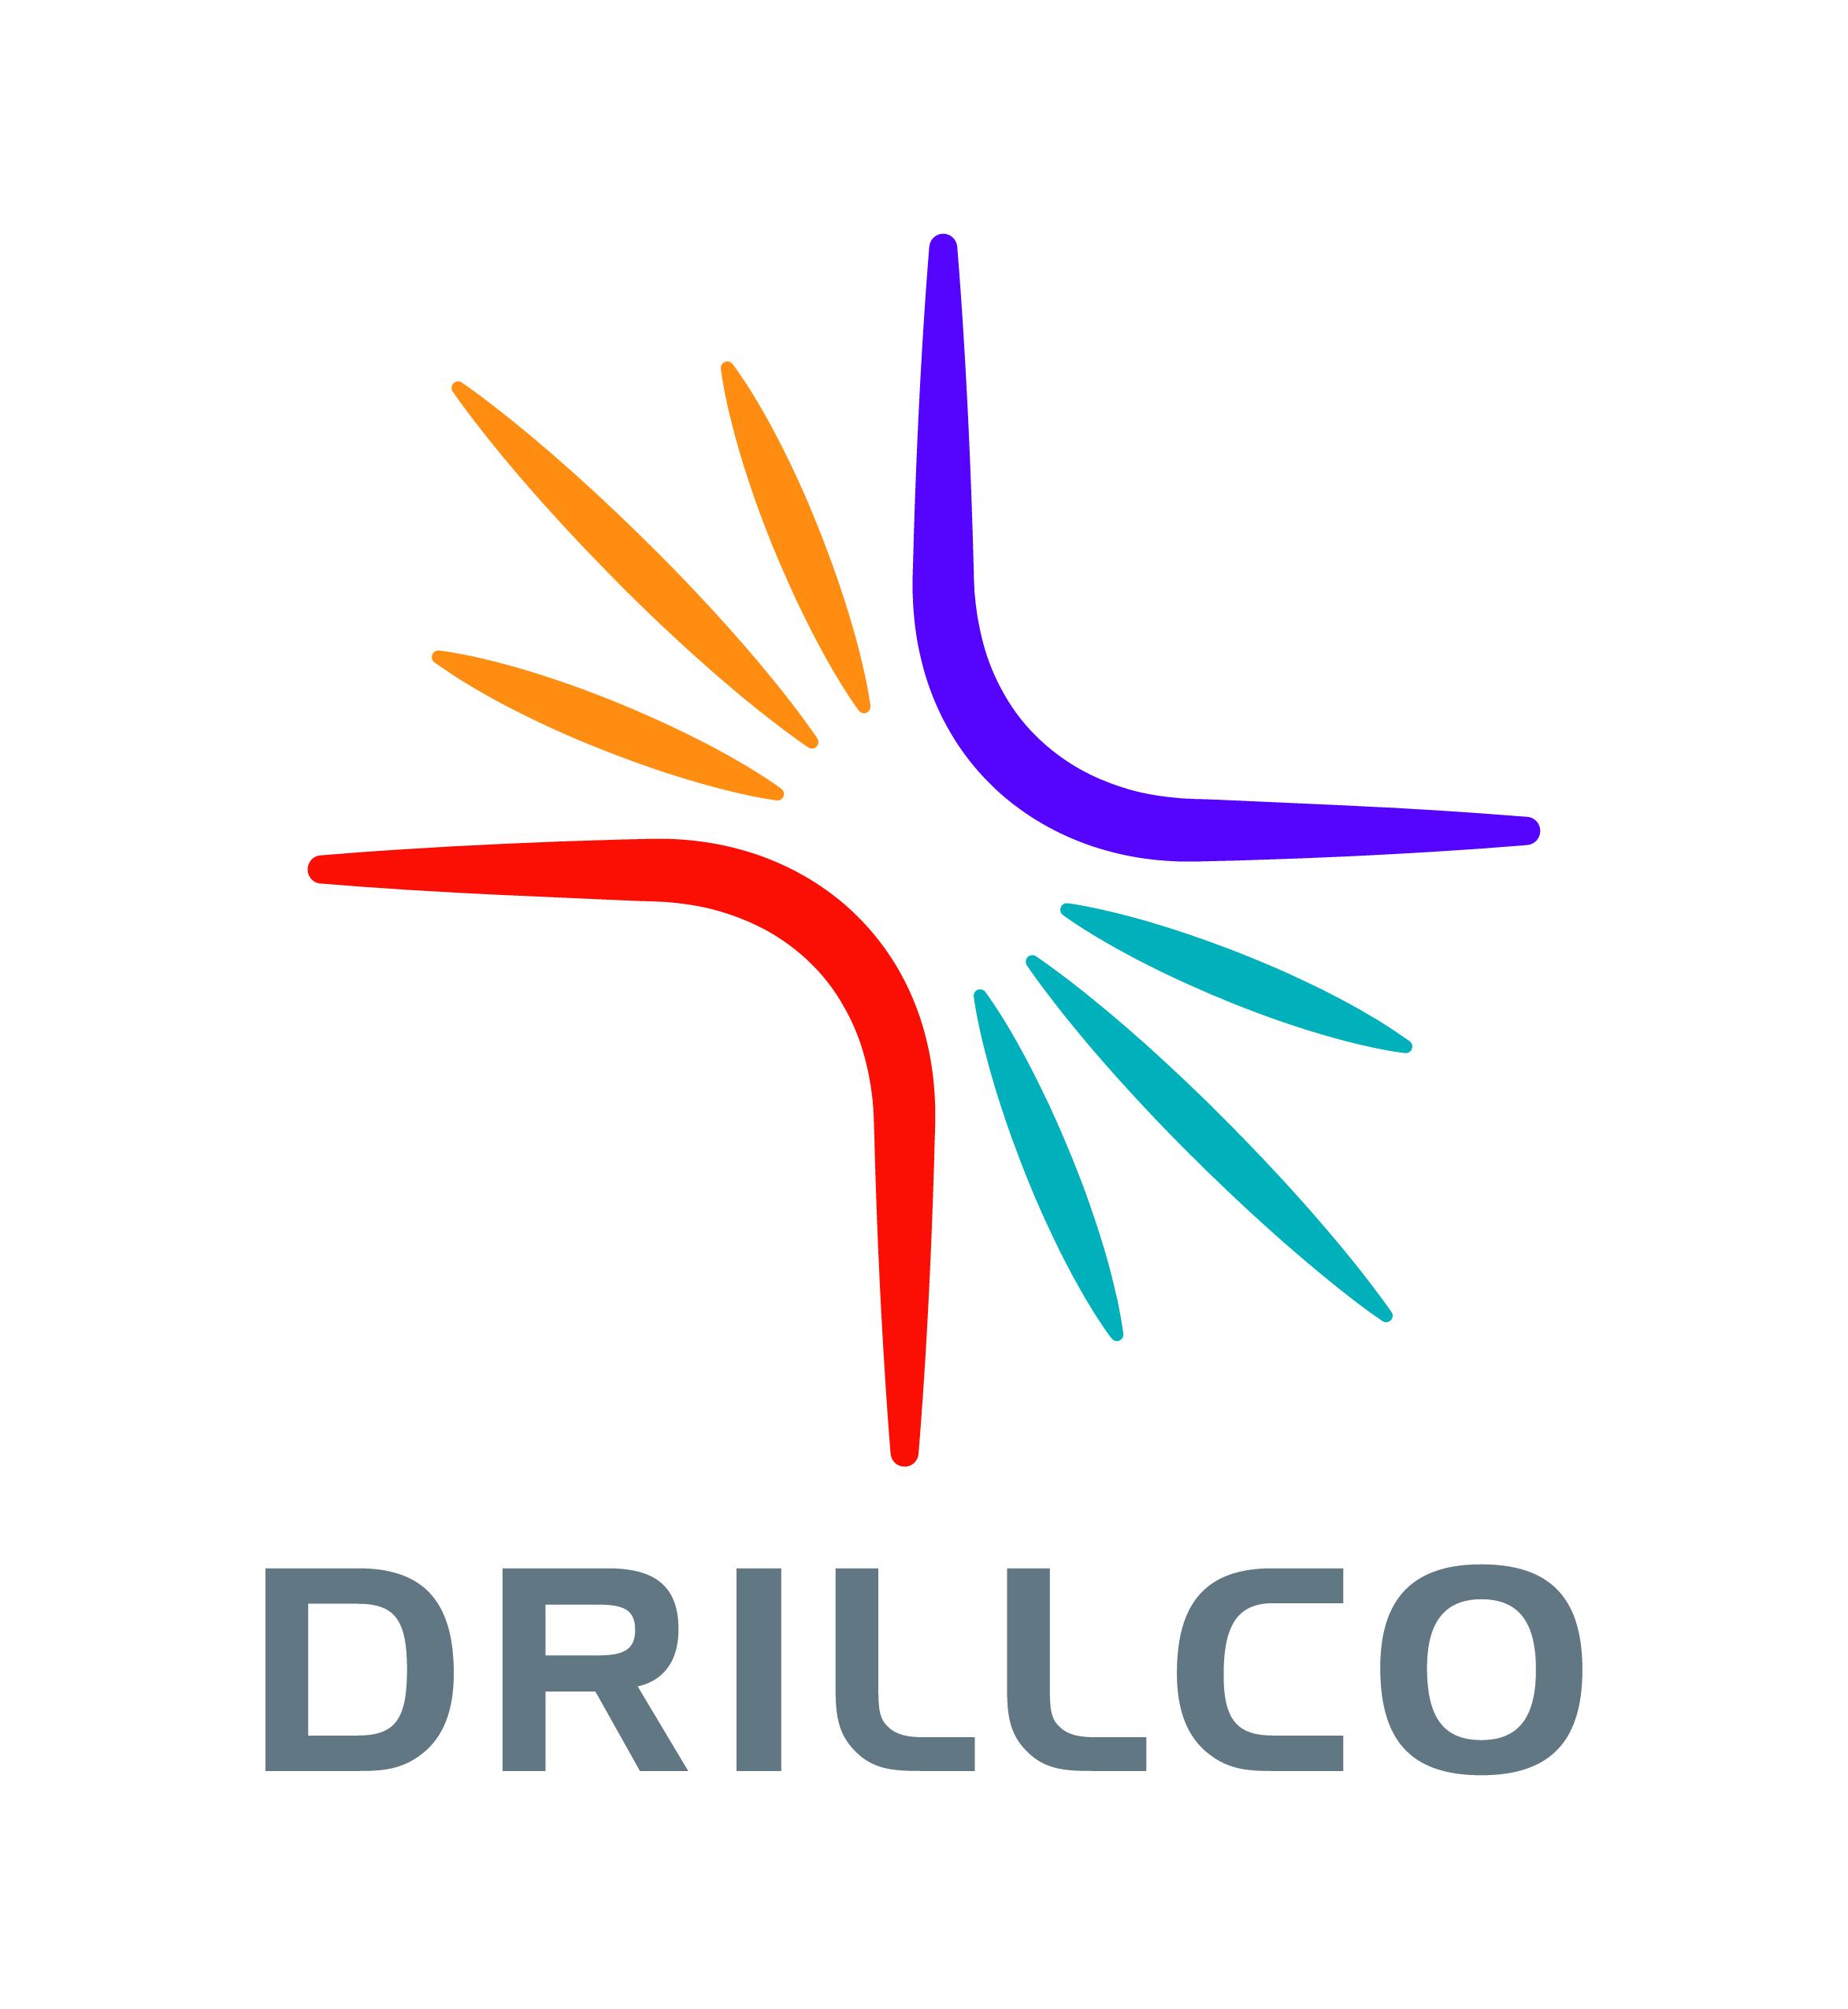 Drillco